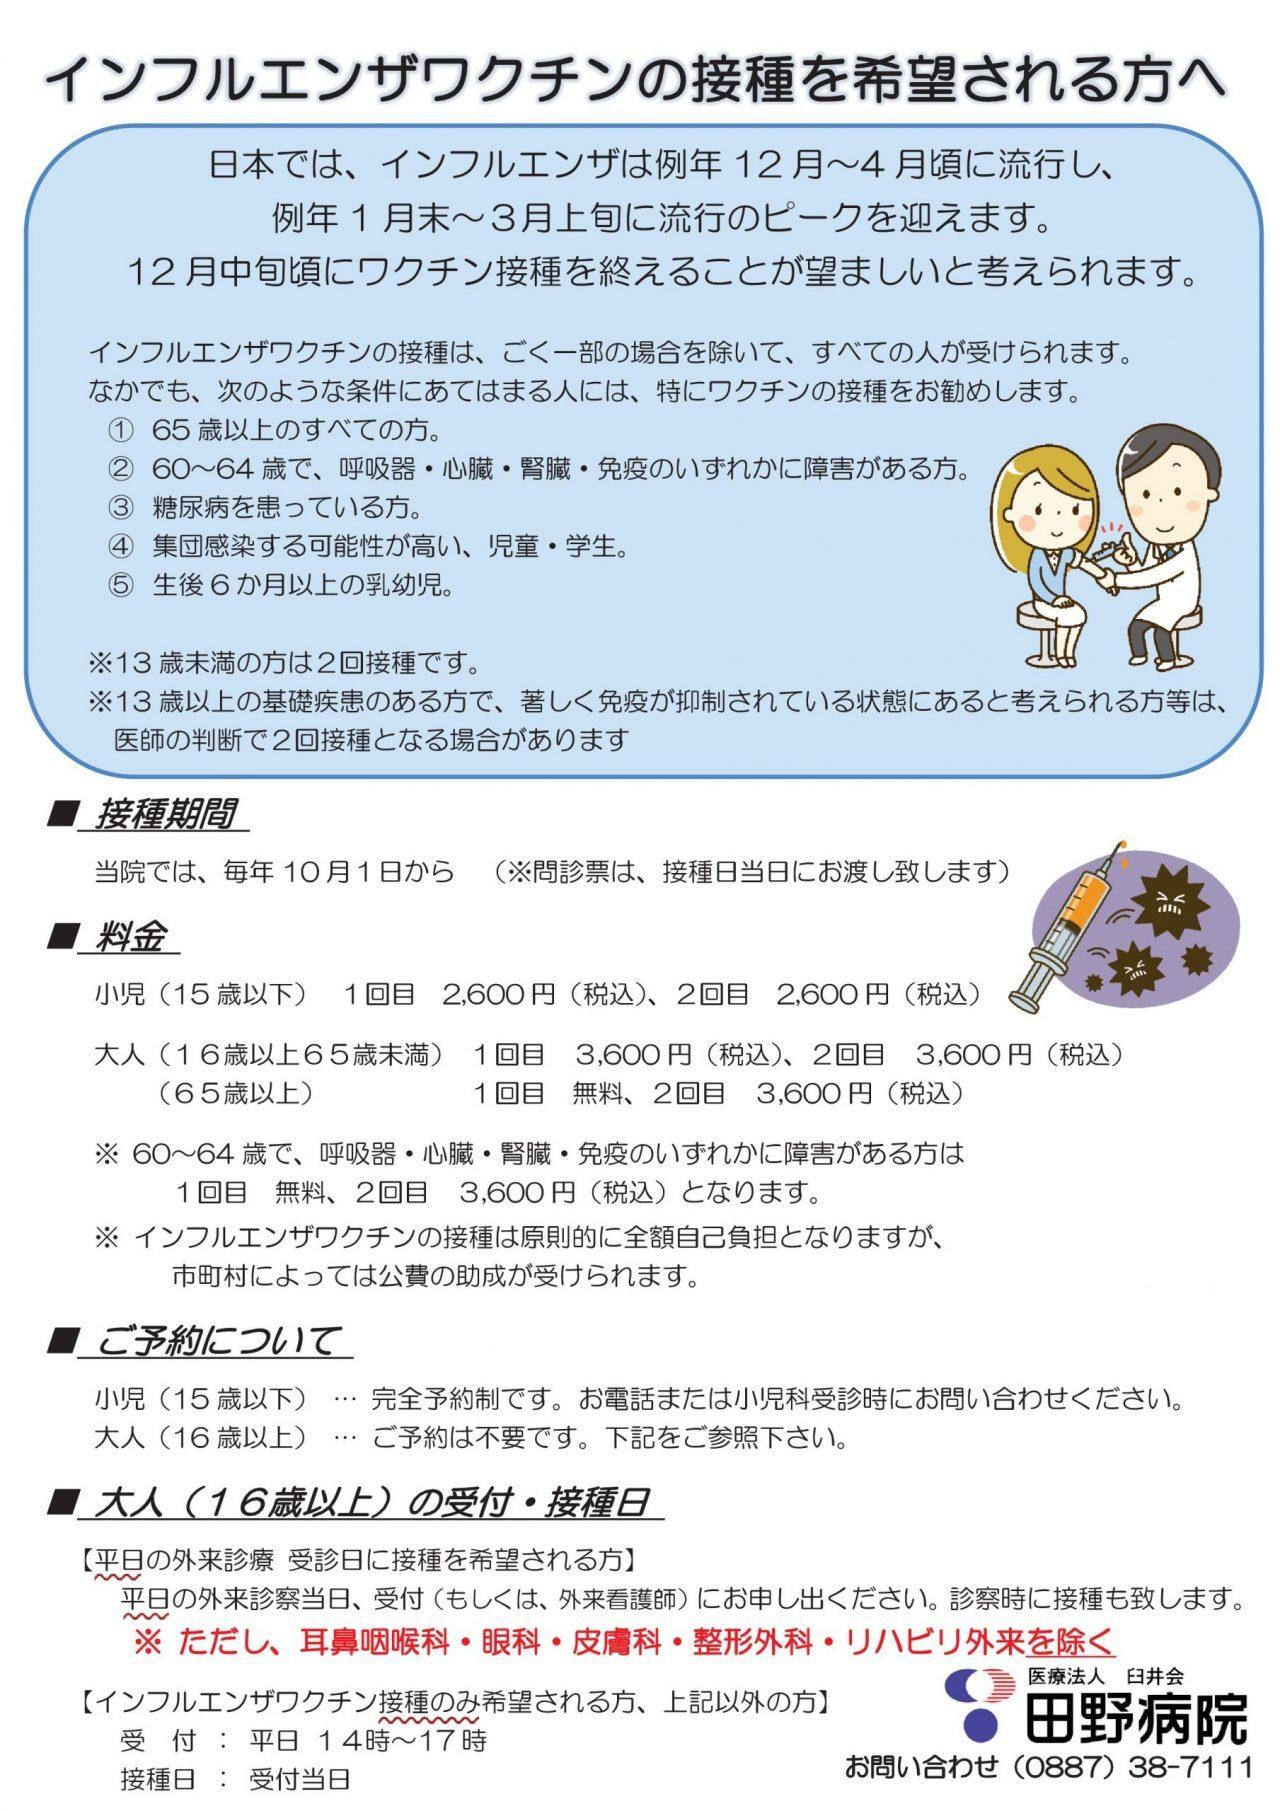 2 インフルエンザ 回目 ワクチン